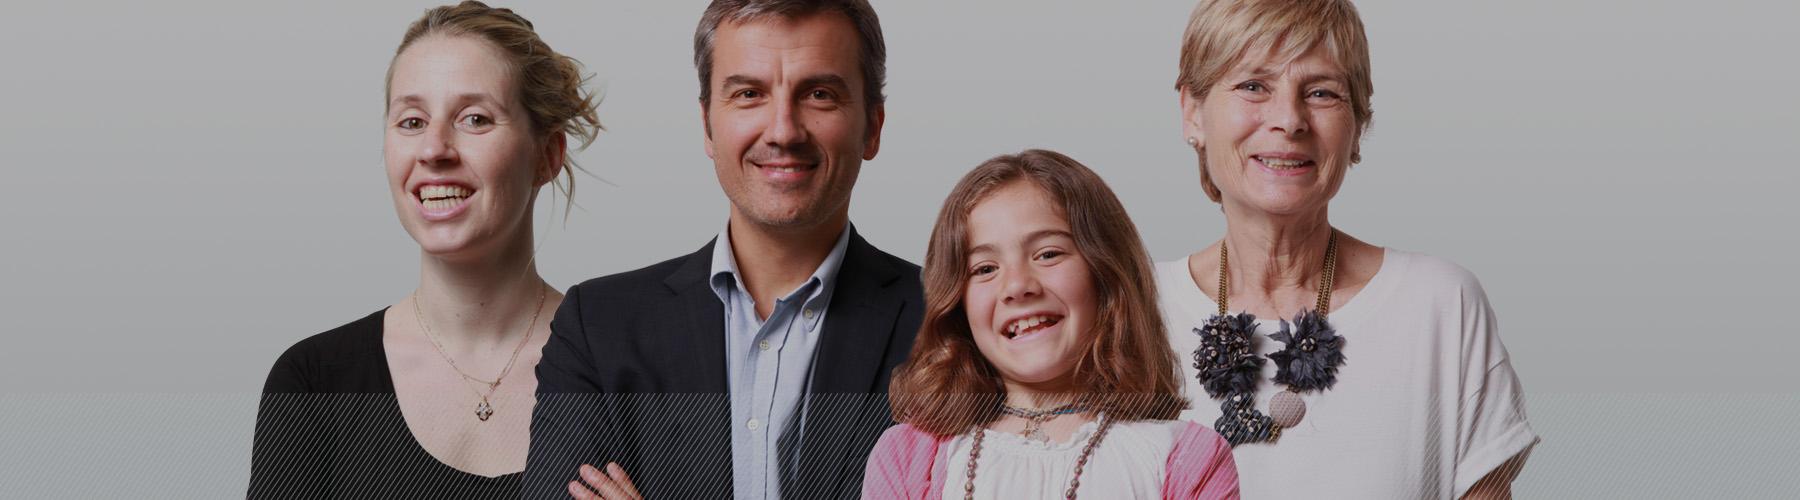 Ortodoncia Tres Torres Barcelona pacientes